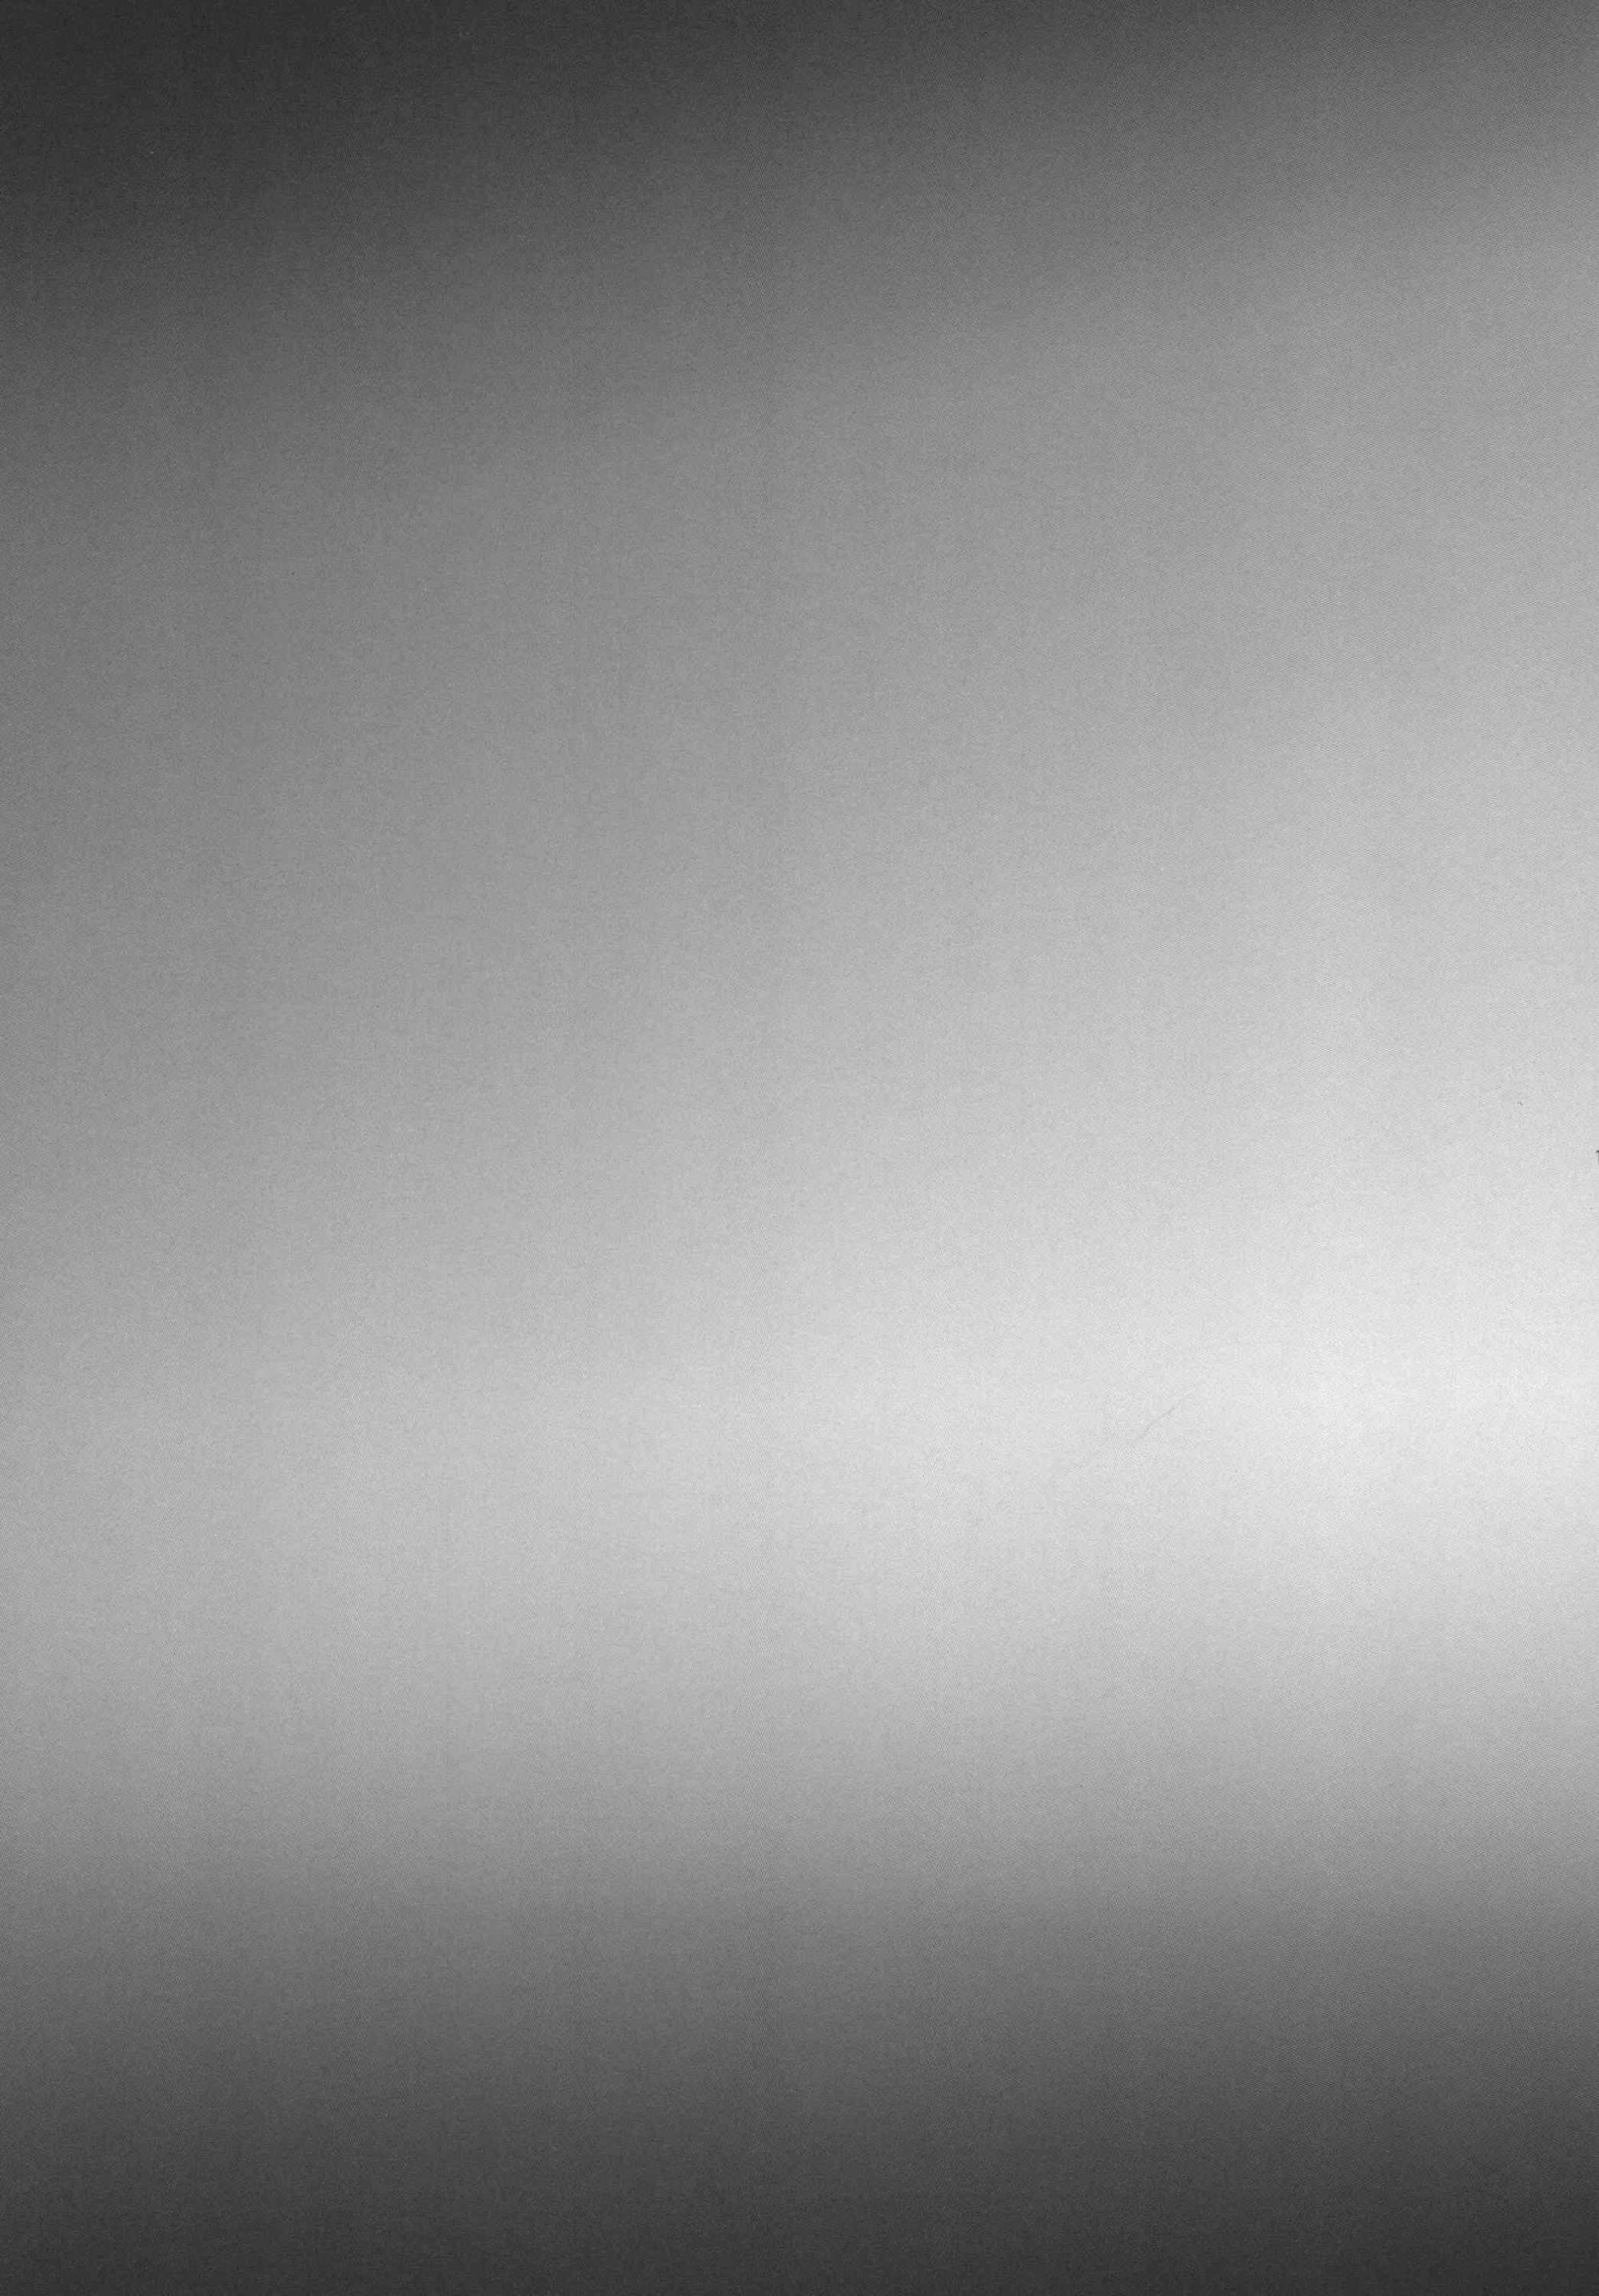 美貌を駆使して任務を遂行する忍びの男の娘が好きなオトコと気のすむまでセックスwwww【エロ漫画・エロ同人誌】 (18)